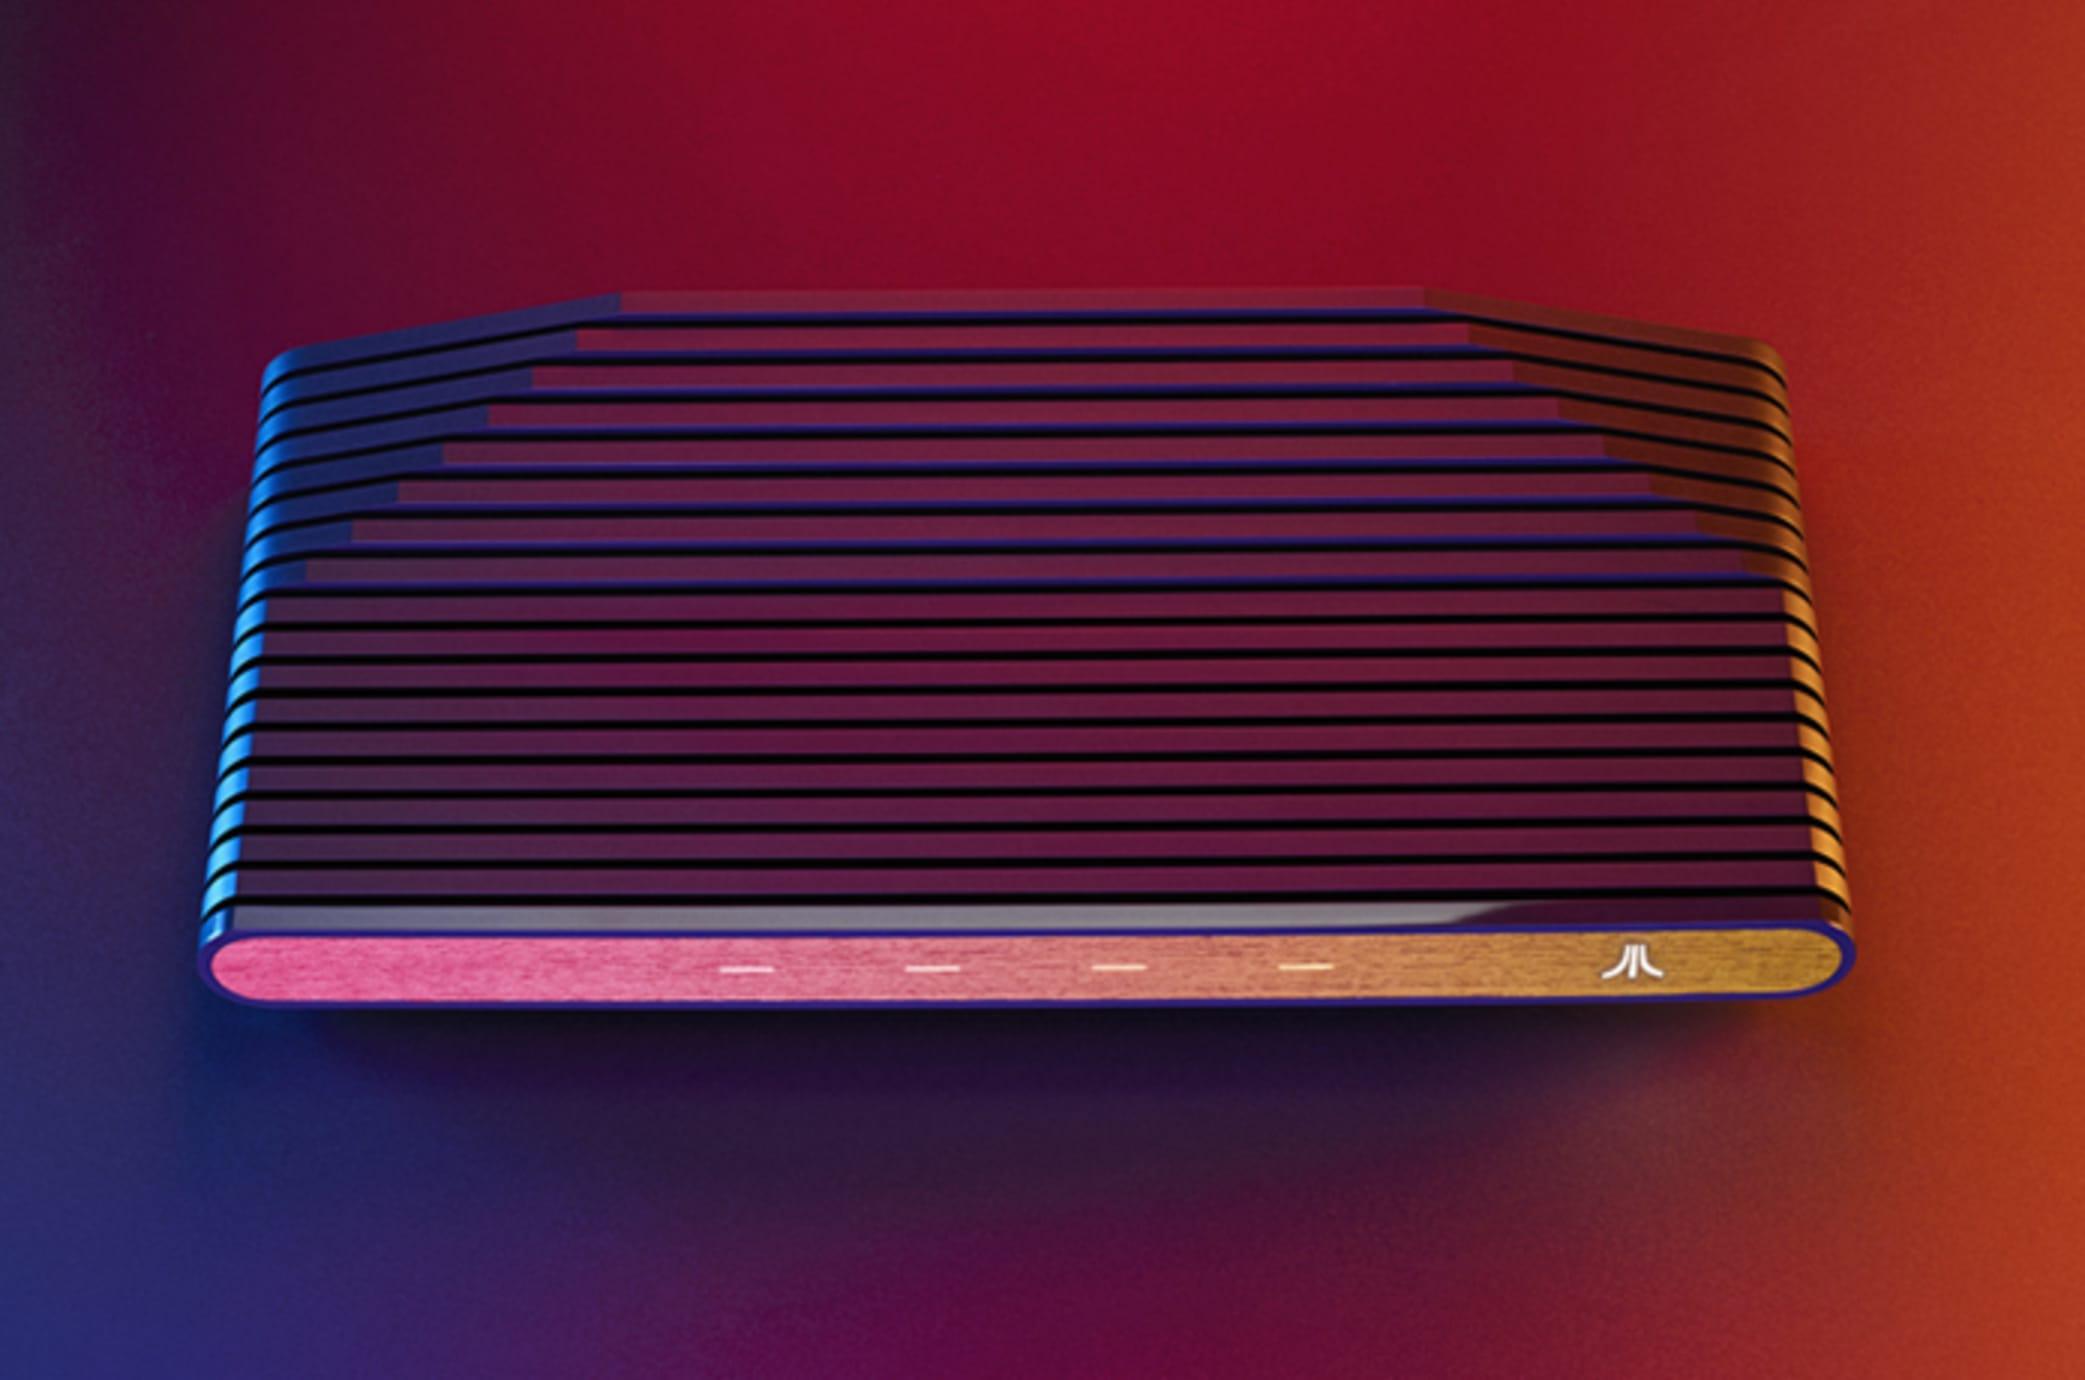 Atari Feature